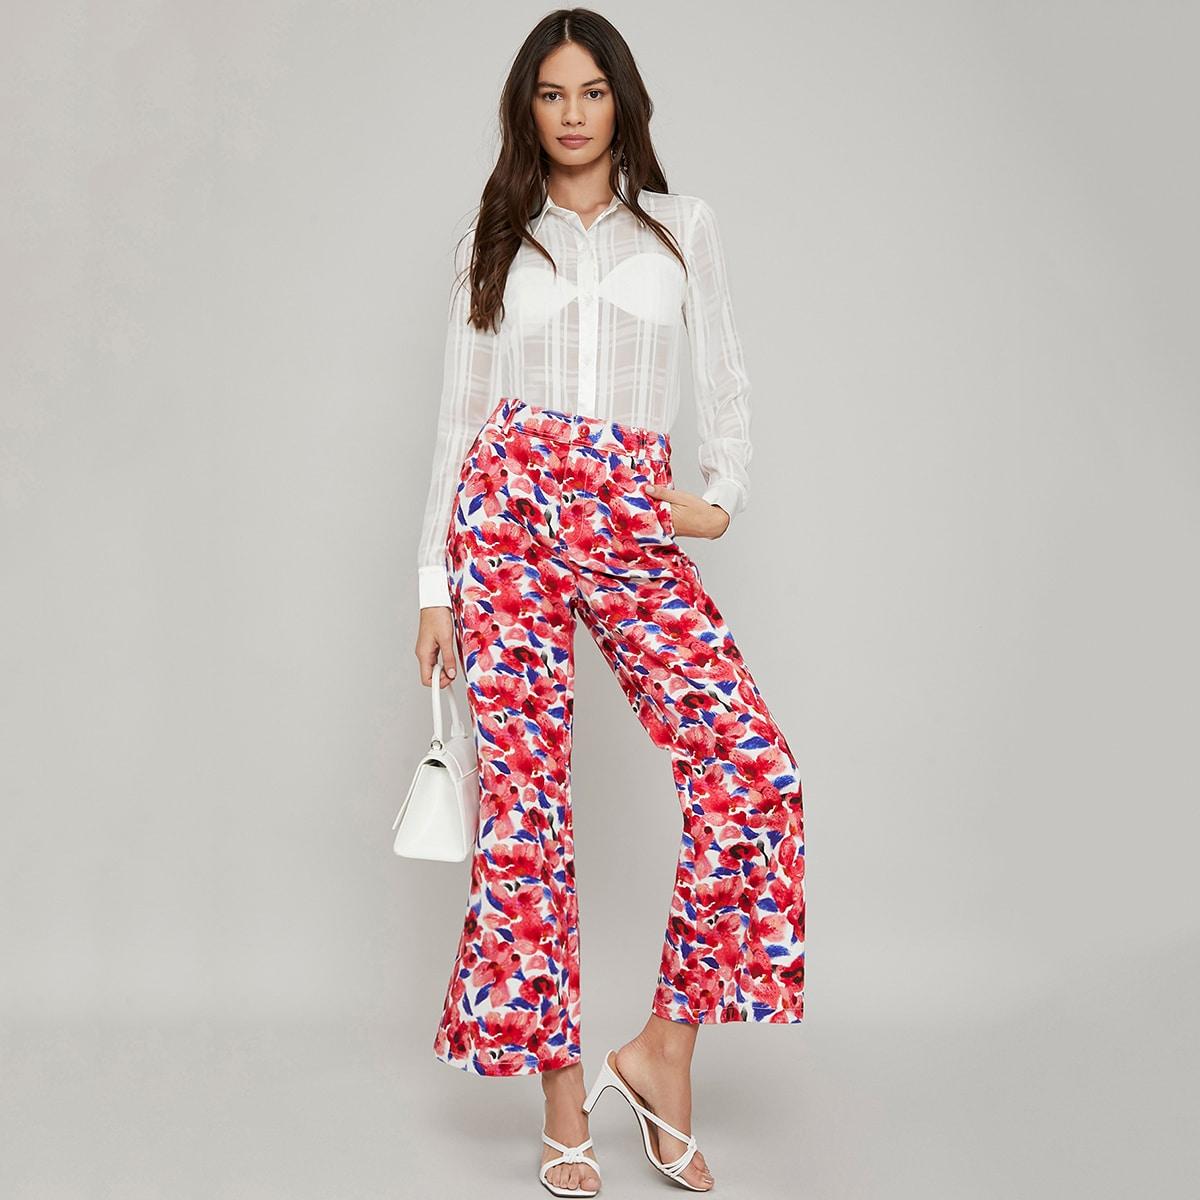 Расклешенные брюки из 100% хлопка с цветочным принтом